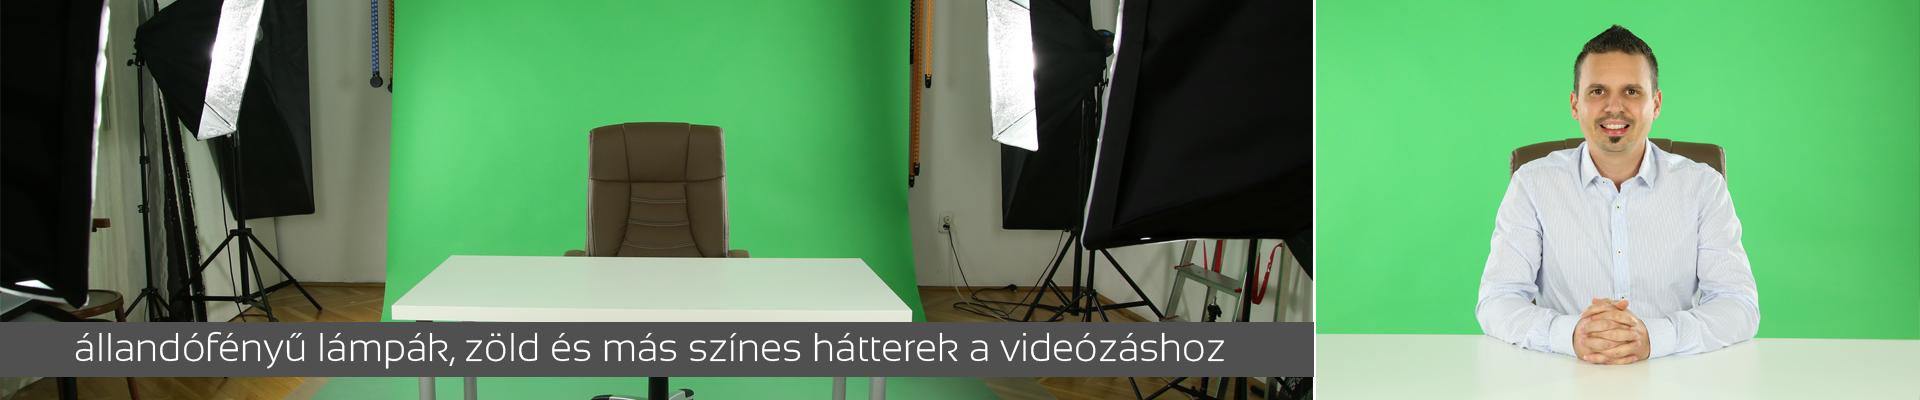 Bérelhető videó stúdió, Bérelhető stúdió videózáshoz, Állandó fényű lámpák